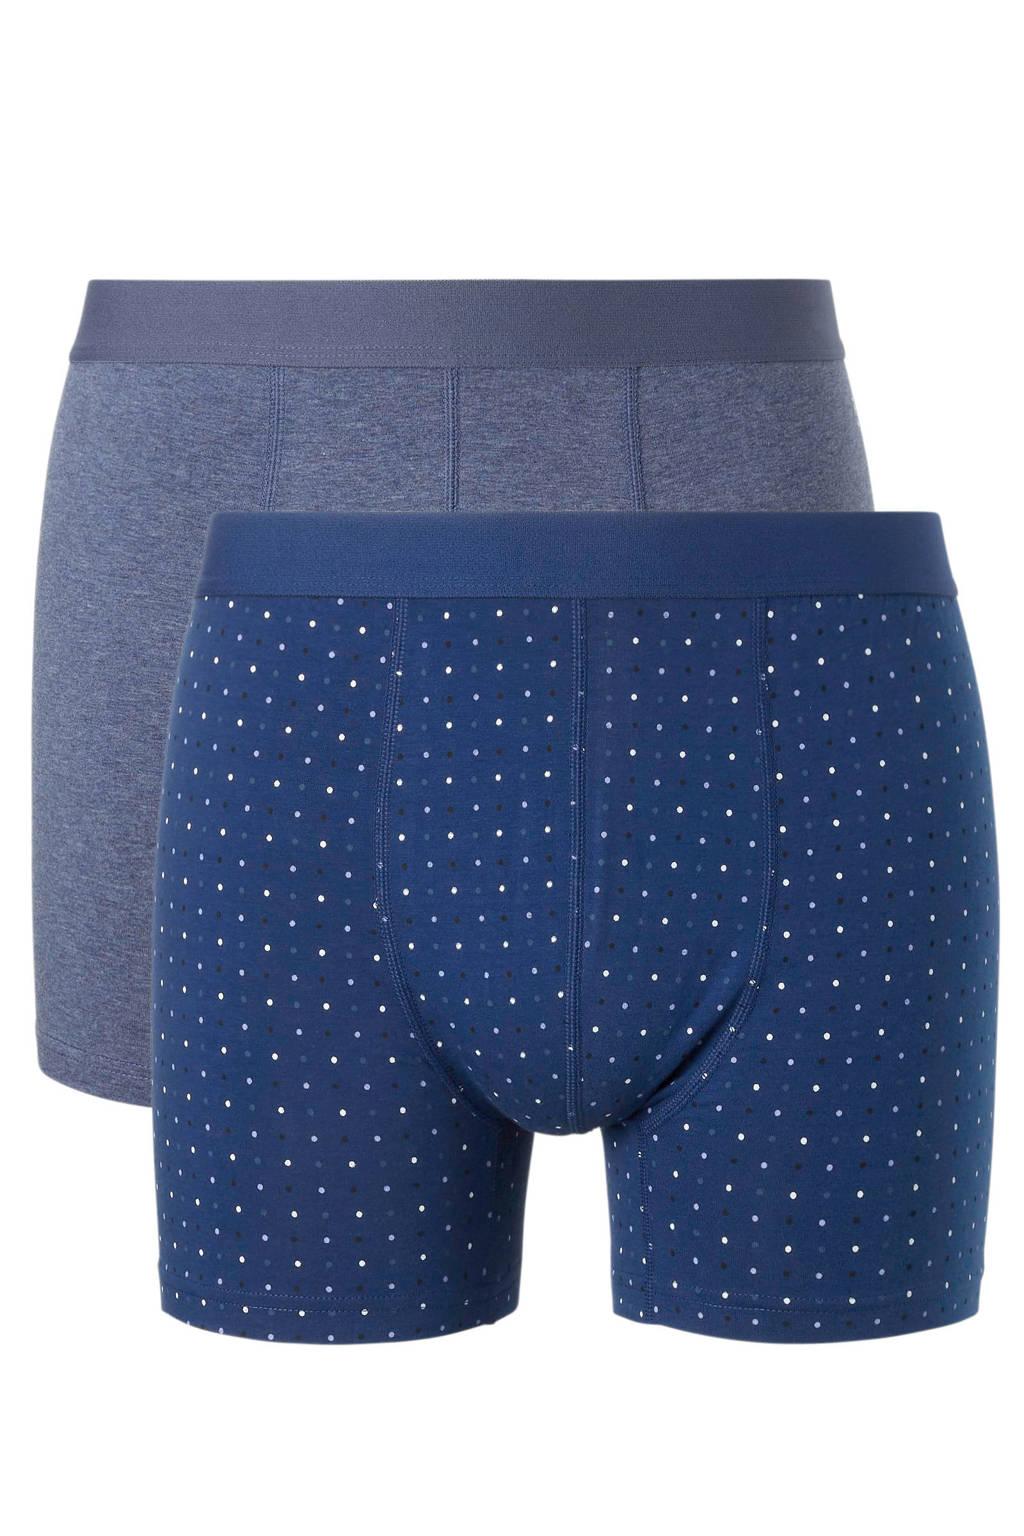 ten Cate boxershort (set van 2), Blauw/grijs